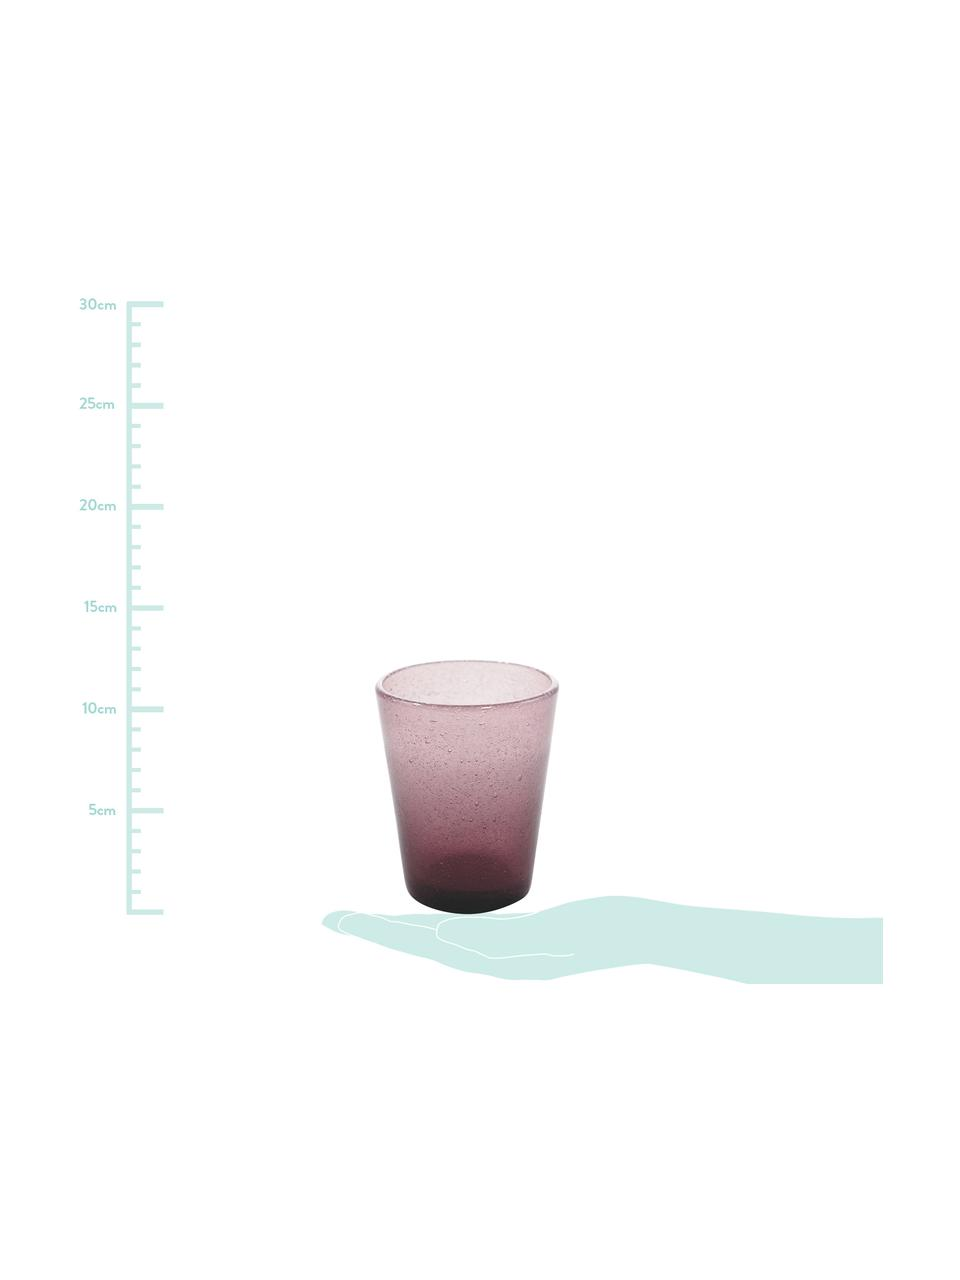 Mundgeblasene Wassergläser Cancun in Lila mit Lufteinschlüssen, 6 Stück, Glas, mundgeblasen, Lila, Ø 9 x H 10 cm